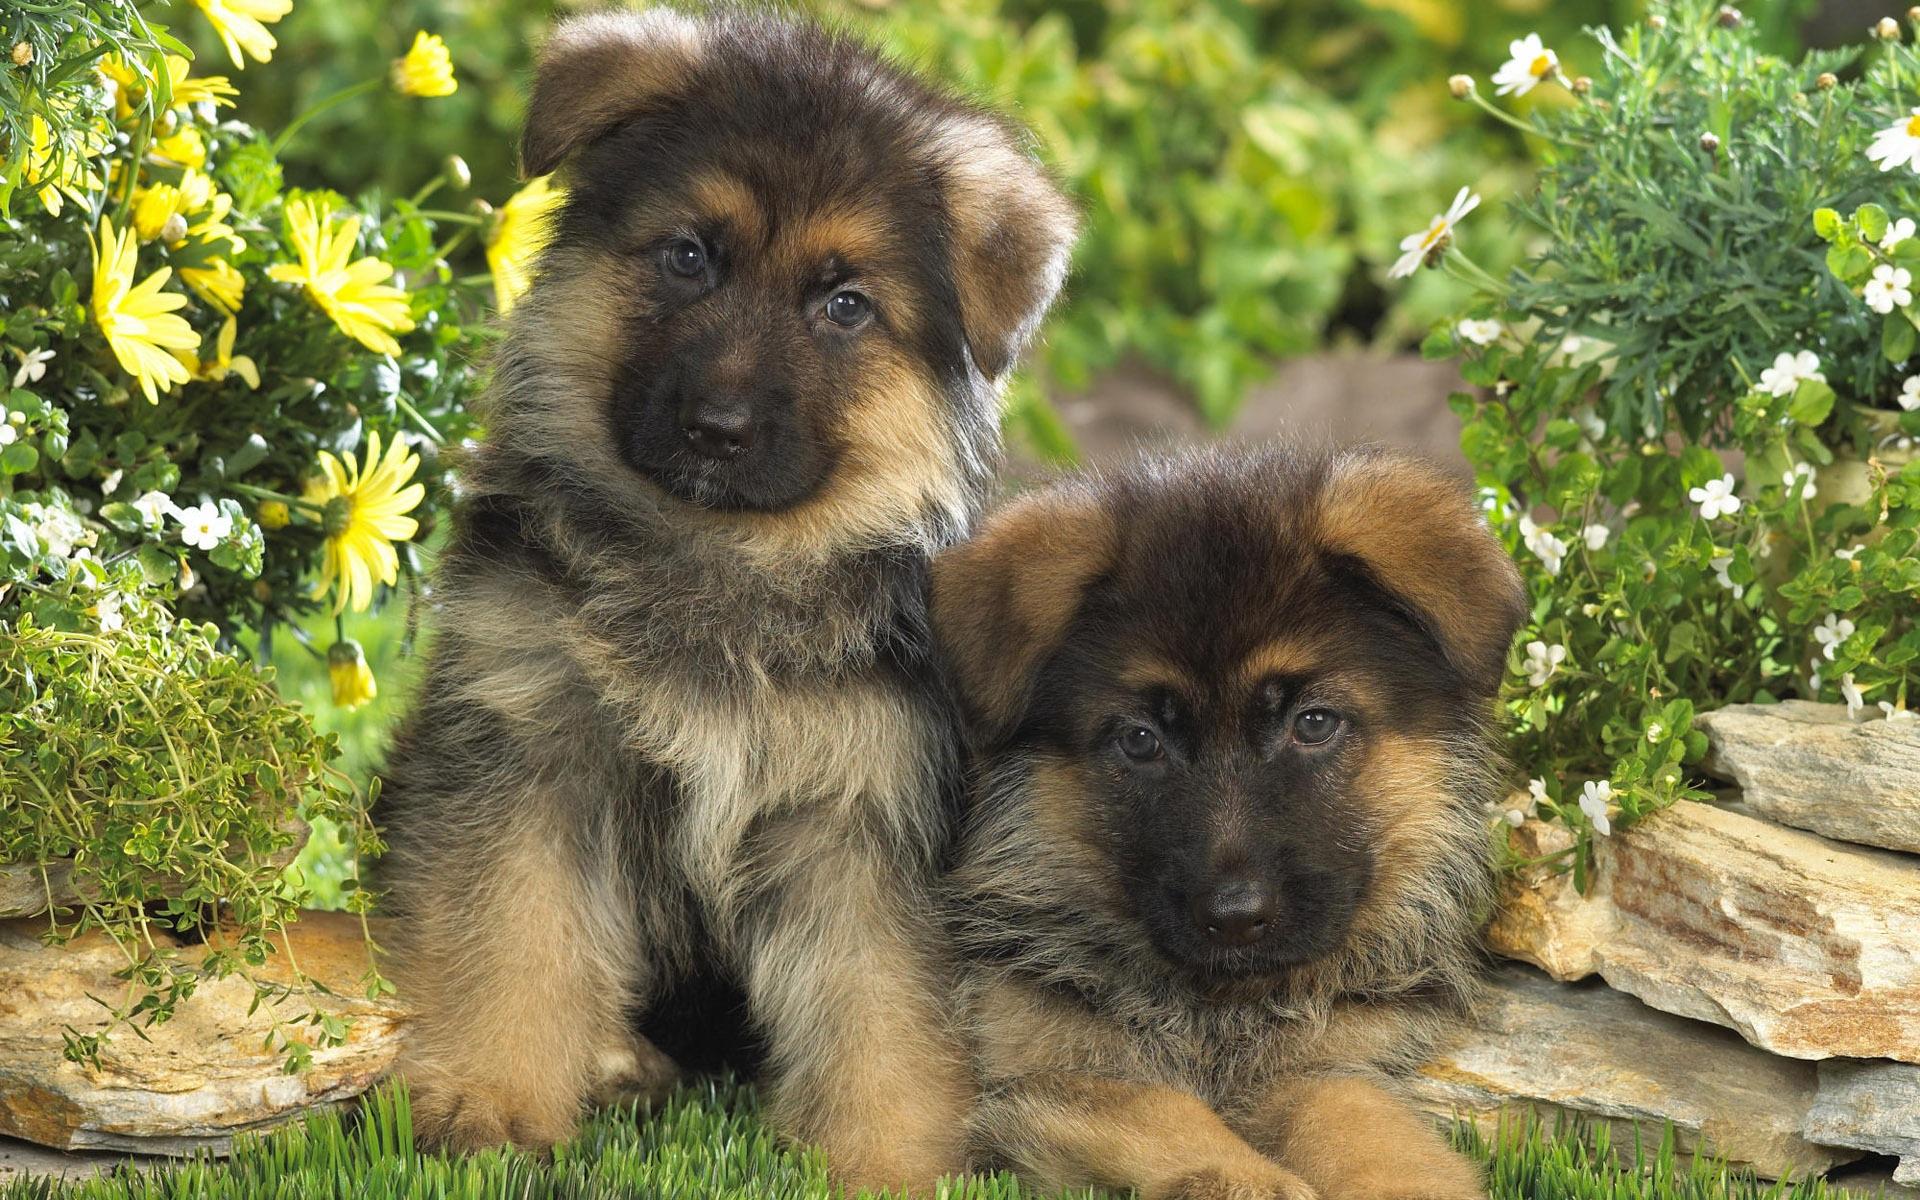 download wallpaper: Duitse Herder puppies wallpaper